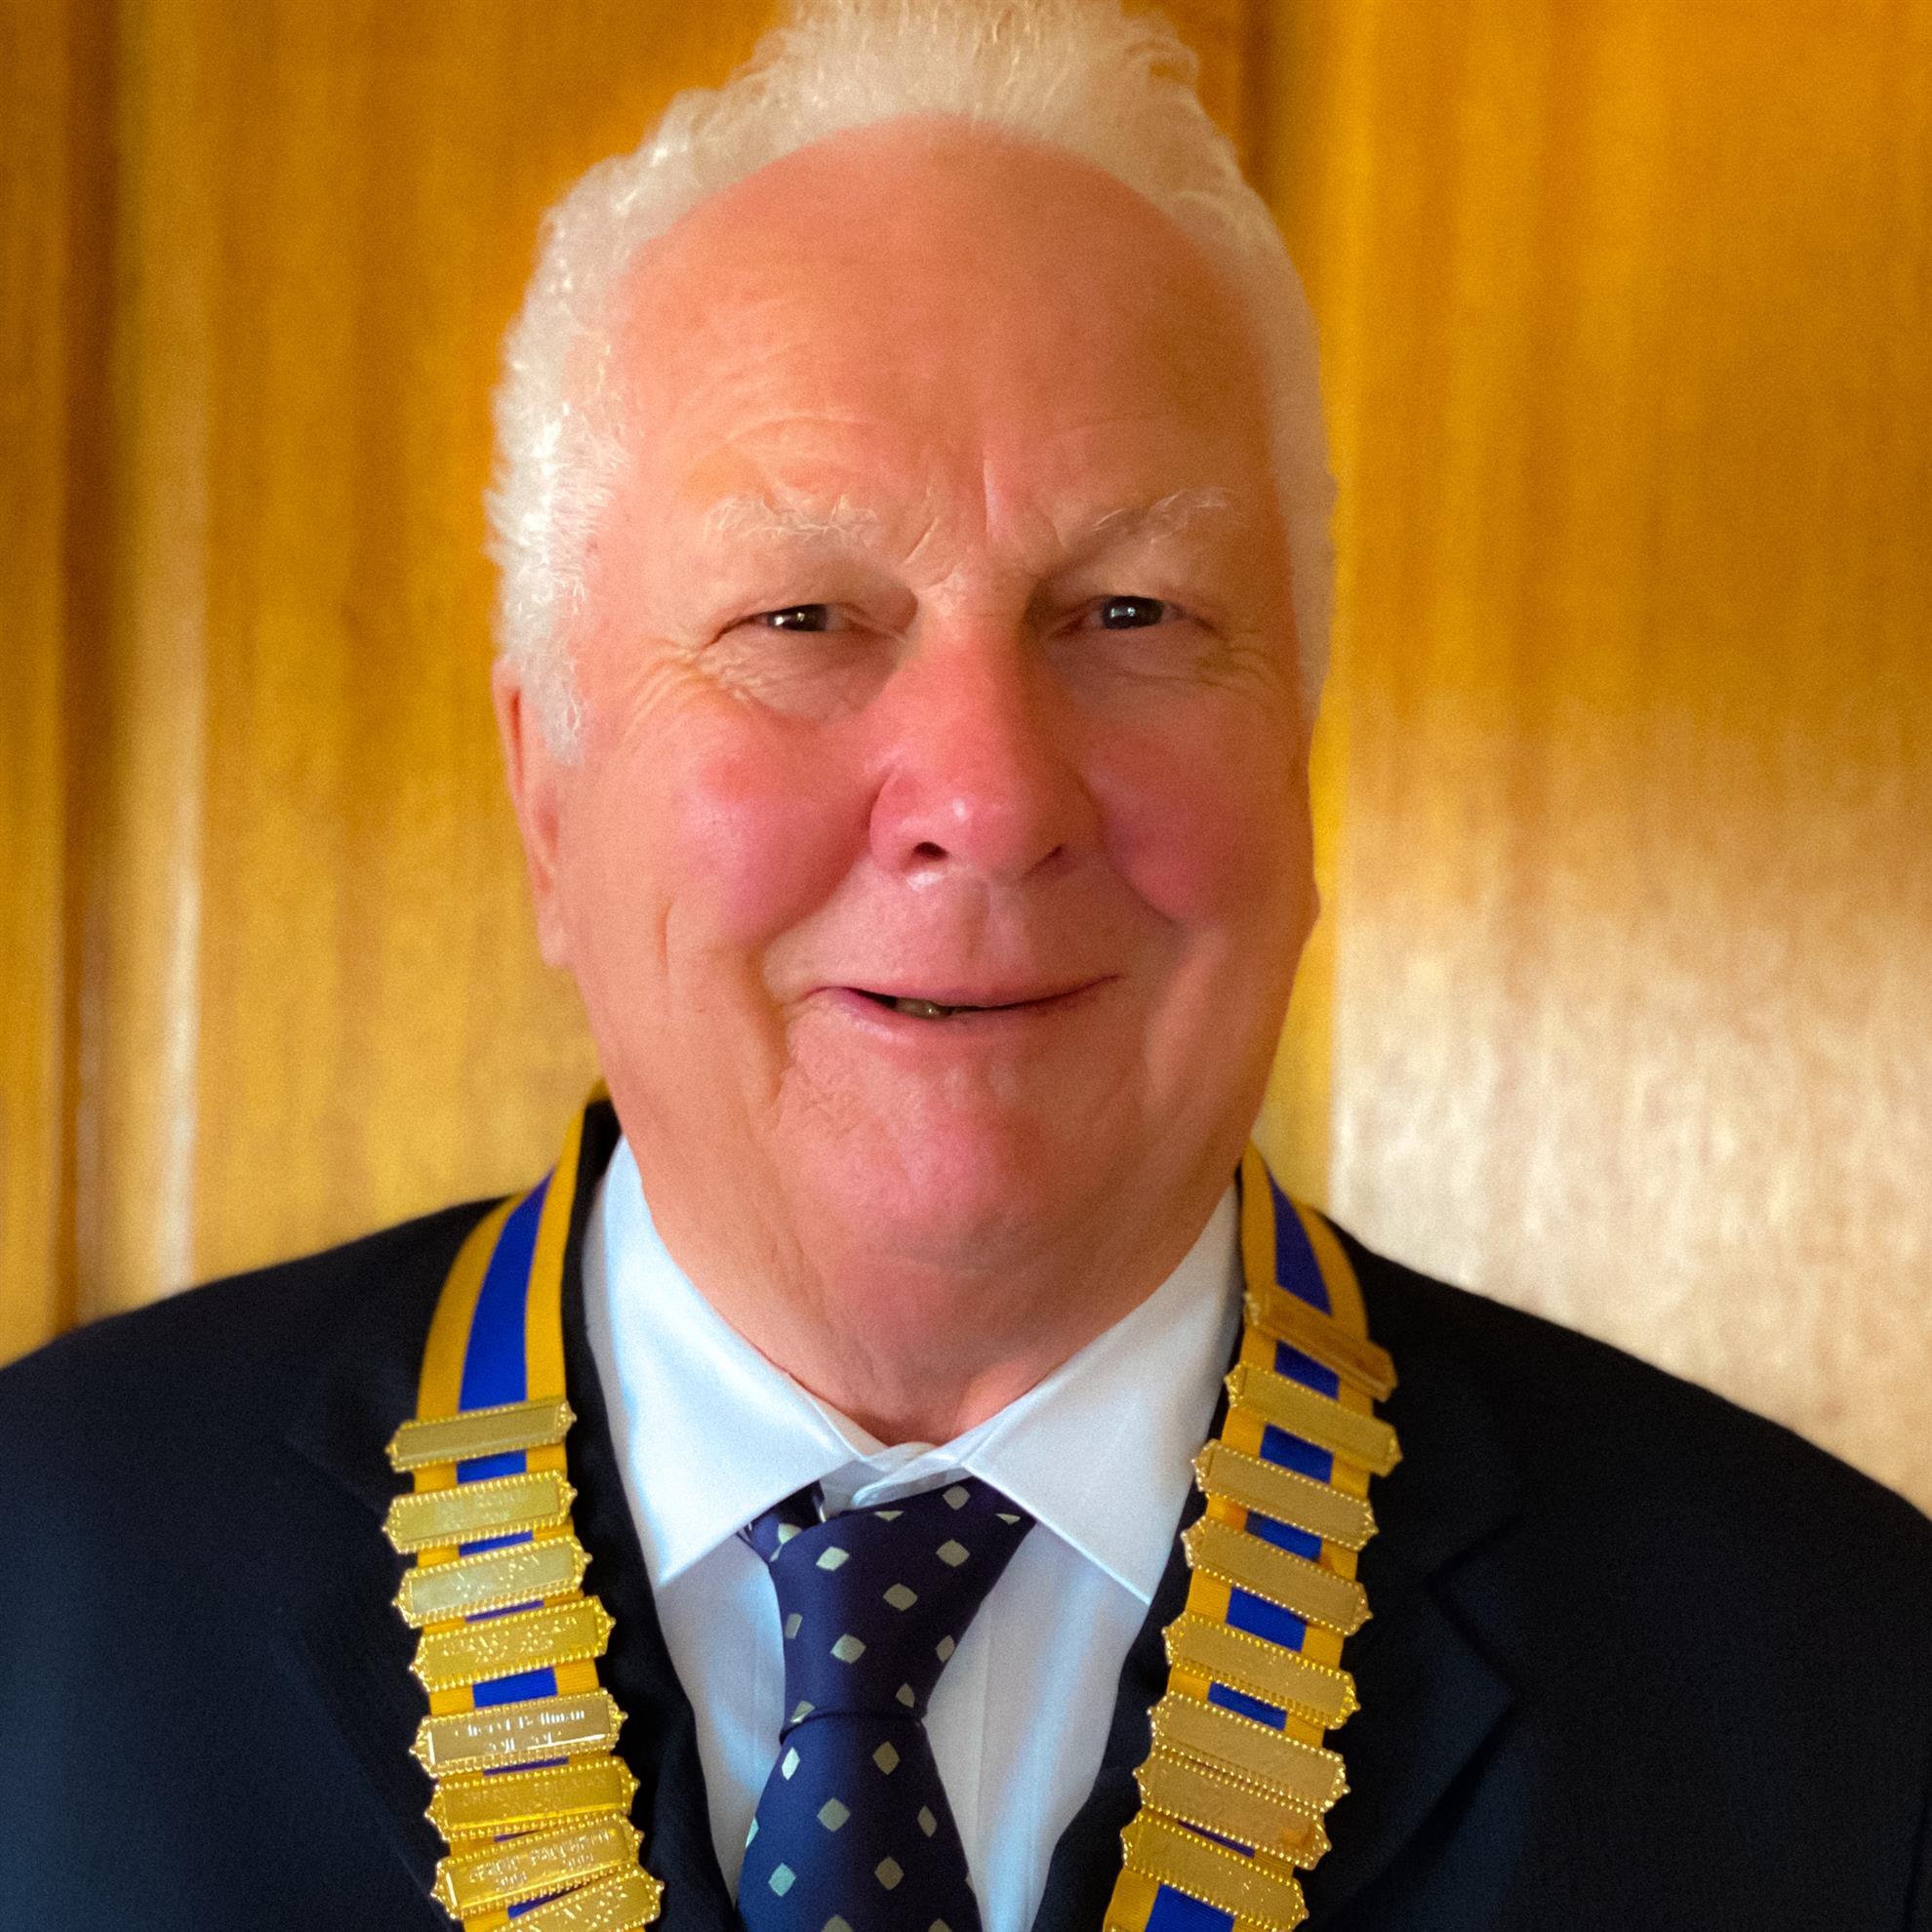 Mr Peter Cassady President 2020/2021